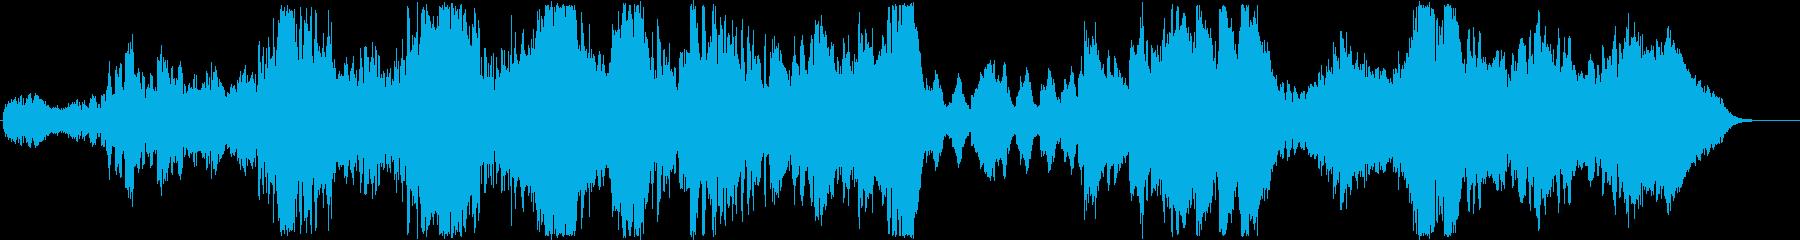 壮大?メルヘンまで展開のあるオーケストラの再生済みの波形